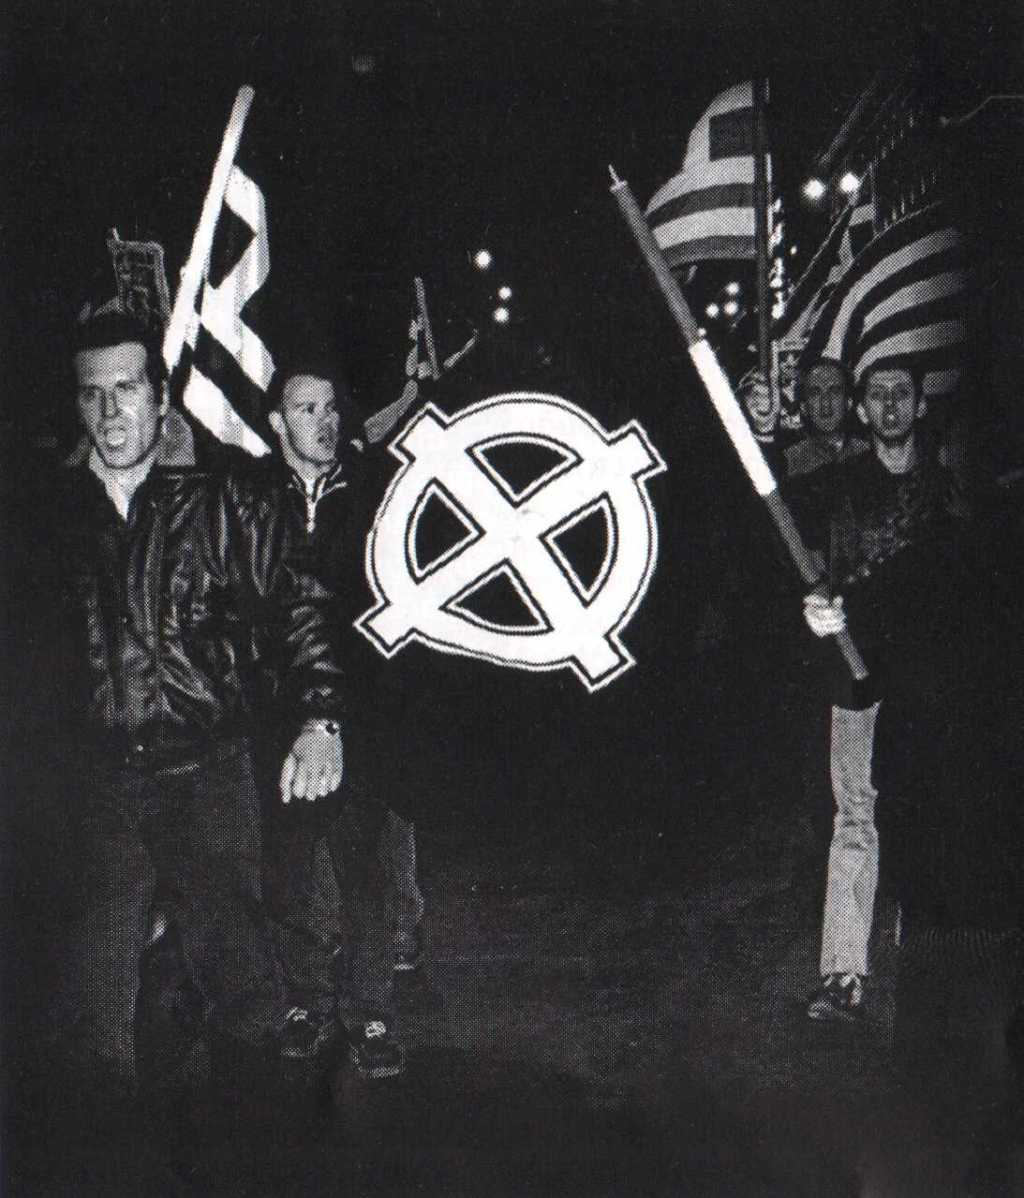 1998-01-30 - Ιμια Πορεία με κελτικές σημαίες Χρυσοί Αετοί - ΑΝΤΕΠΙΘΕΣΗ, Α.Τ. 02, 03-1999, σελ. 09